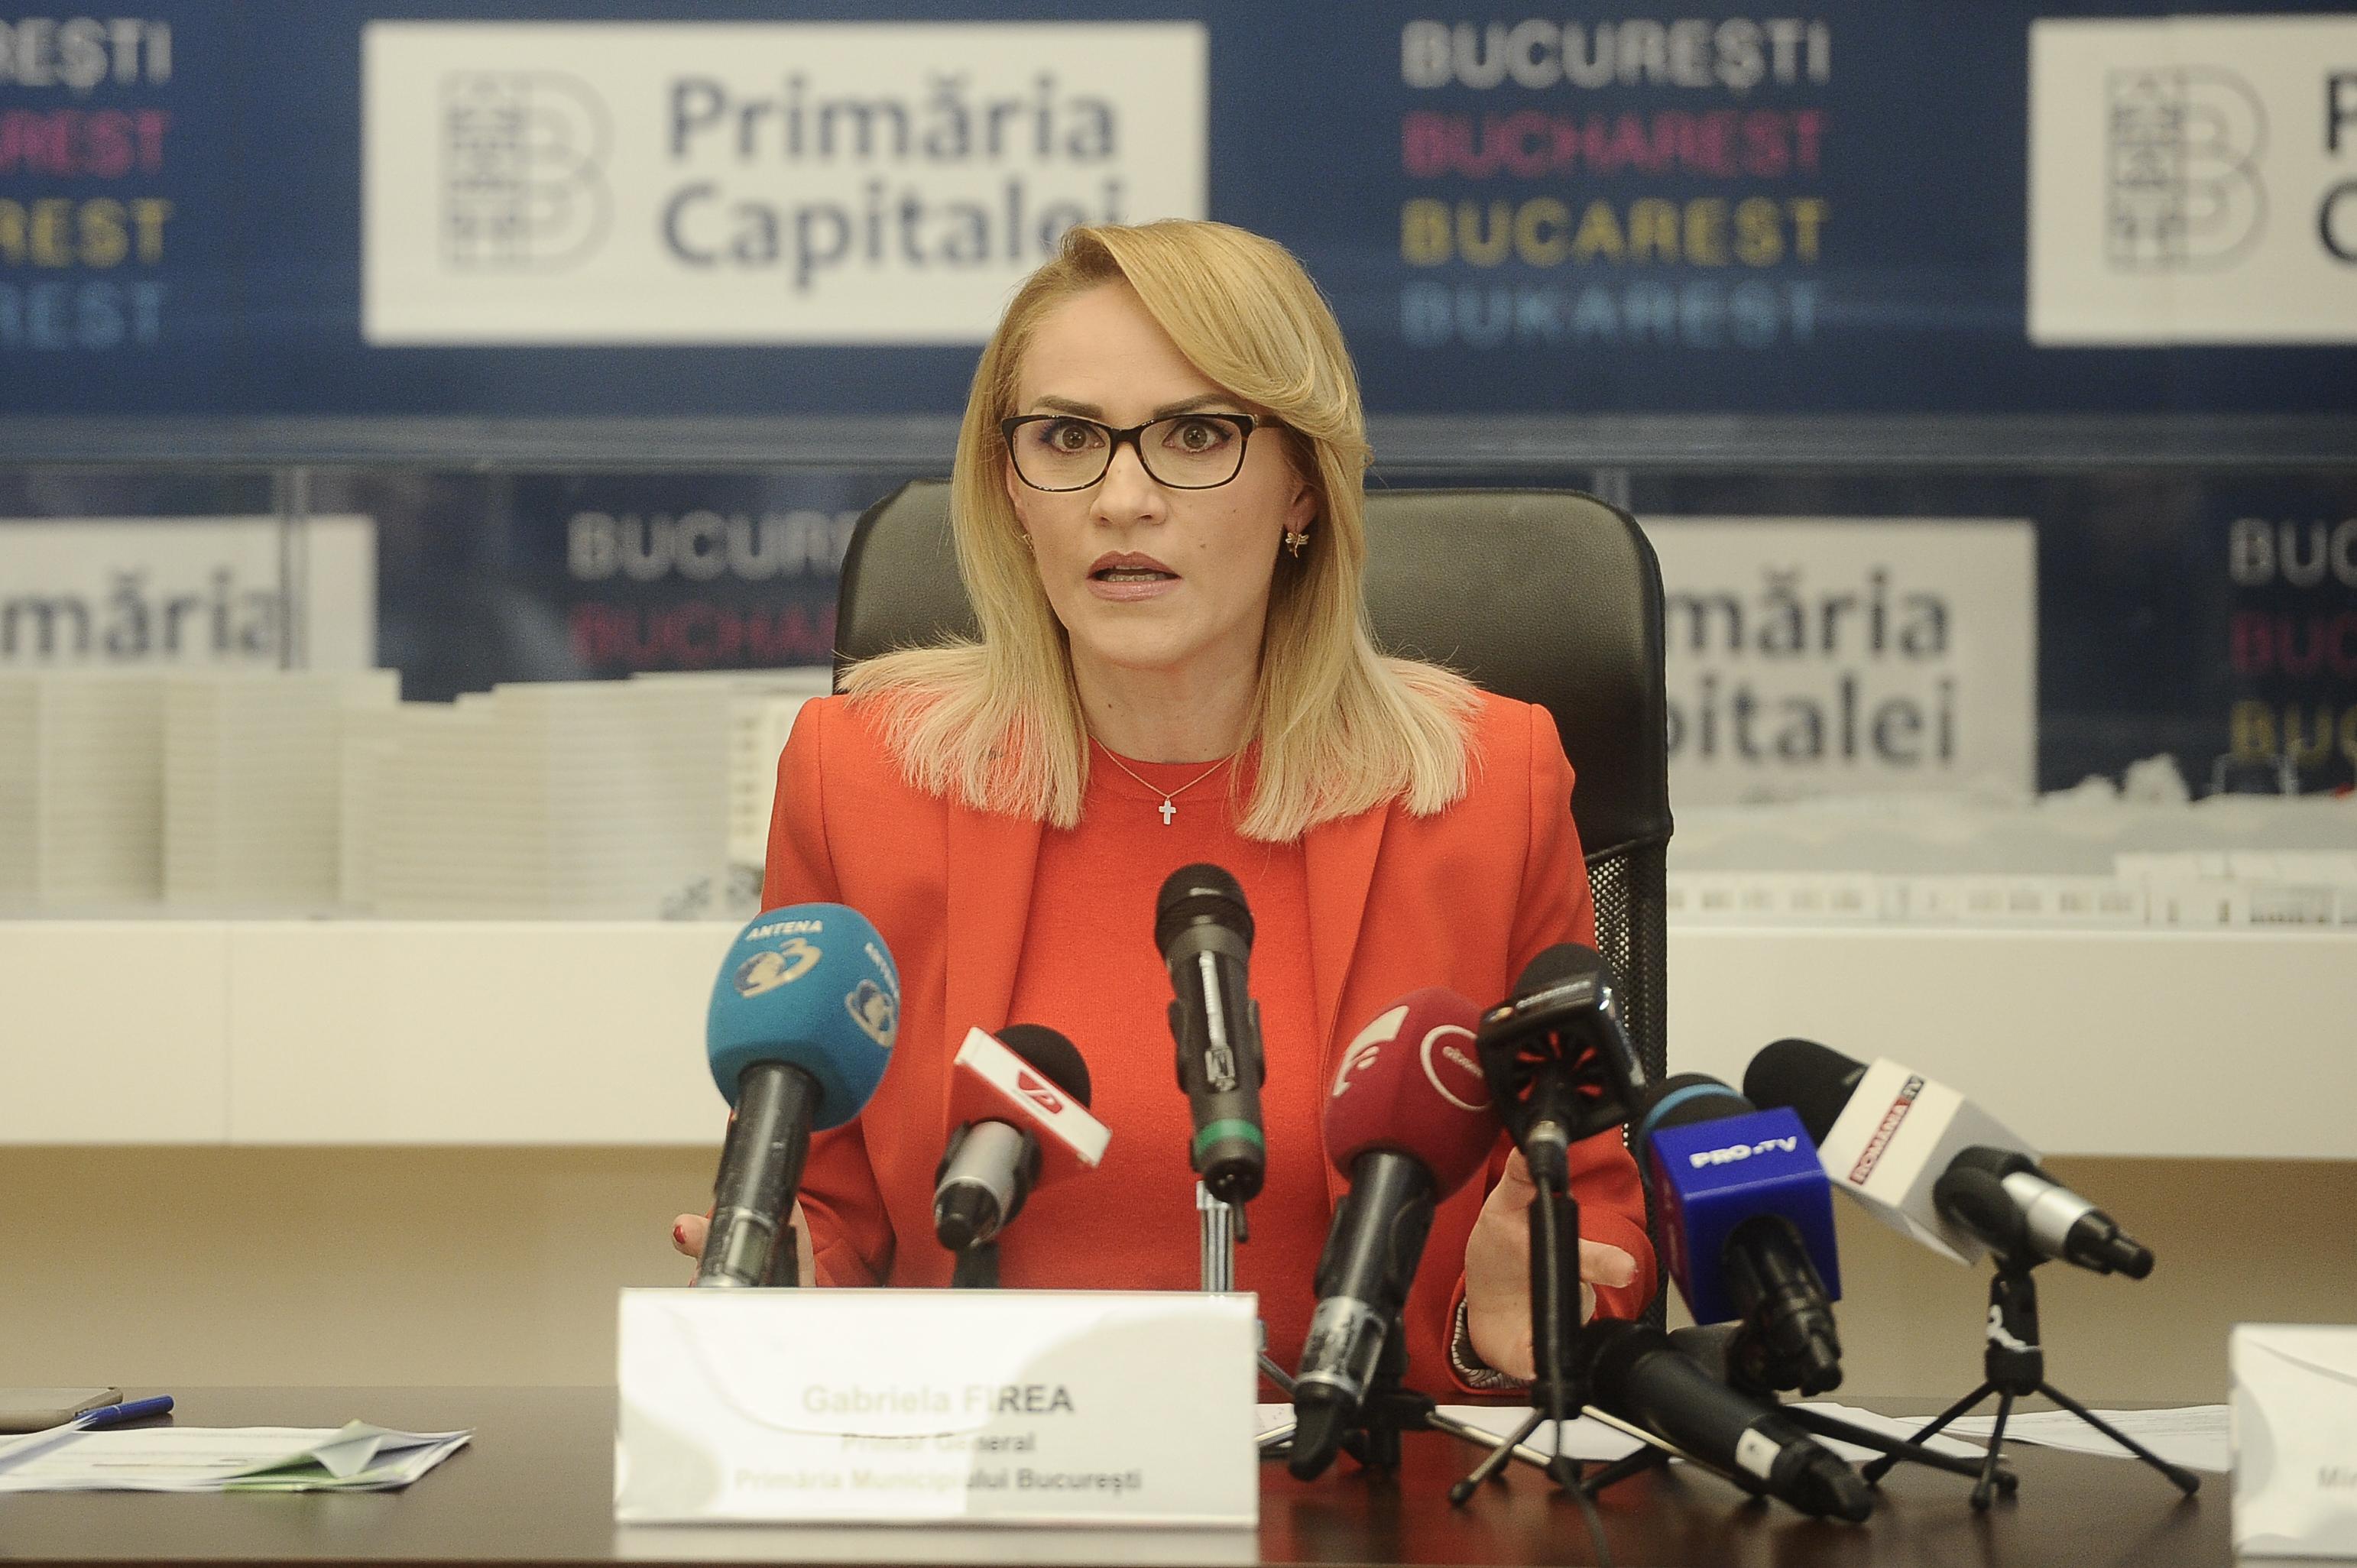 Cine nu respectă restricţiile în Bucureşti plăteşte cu funcţia. Măsuri sporite în Capitală în contextul coronavirusului. Firea ameninţă cu demiteri